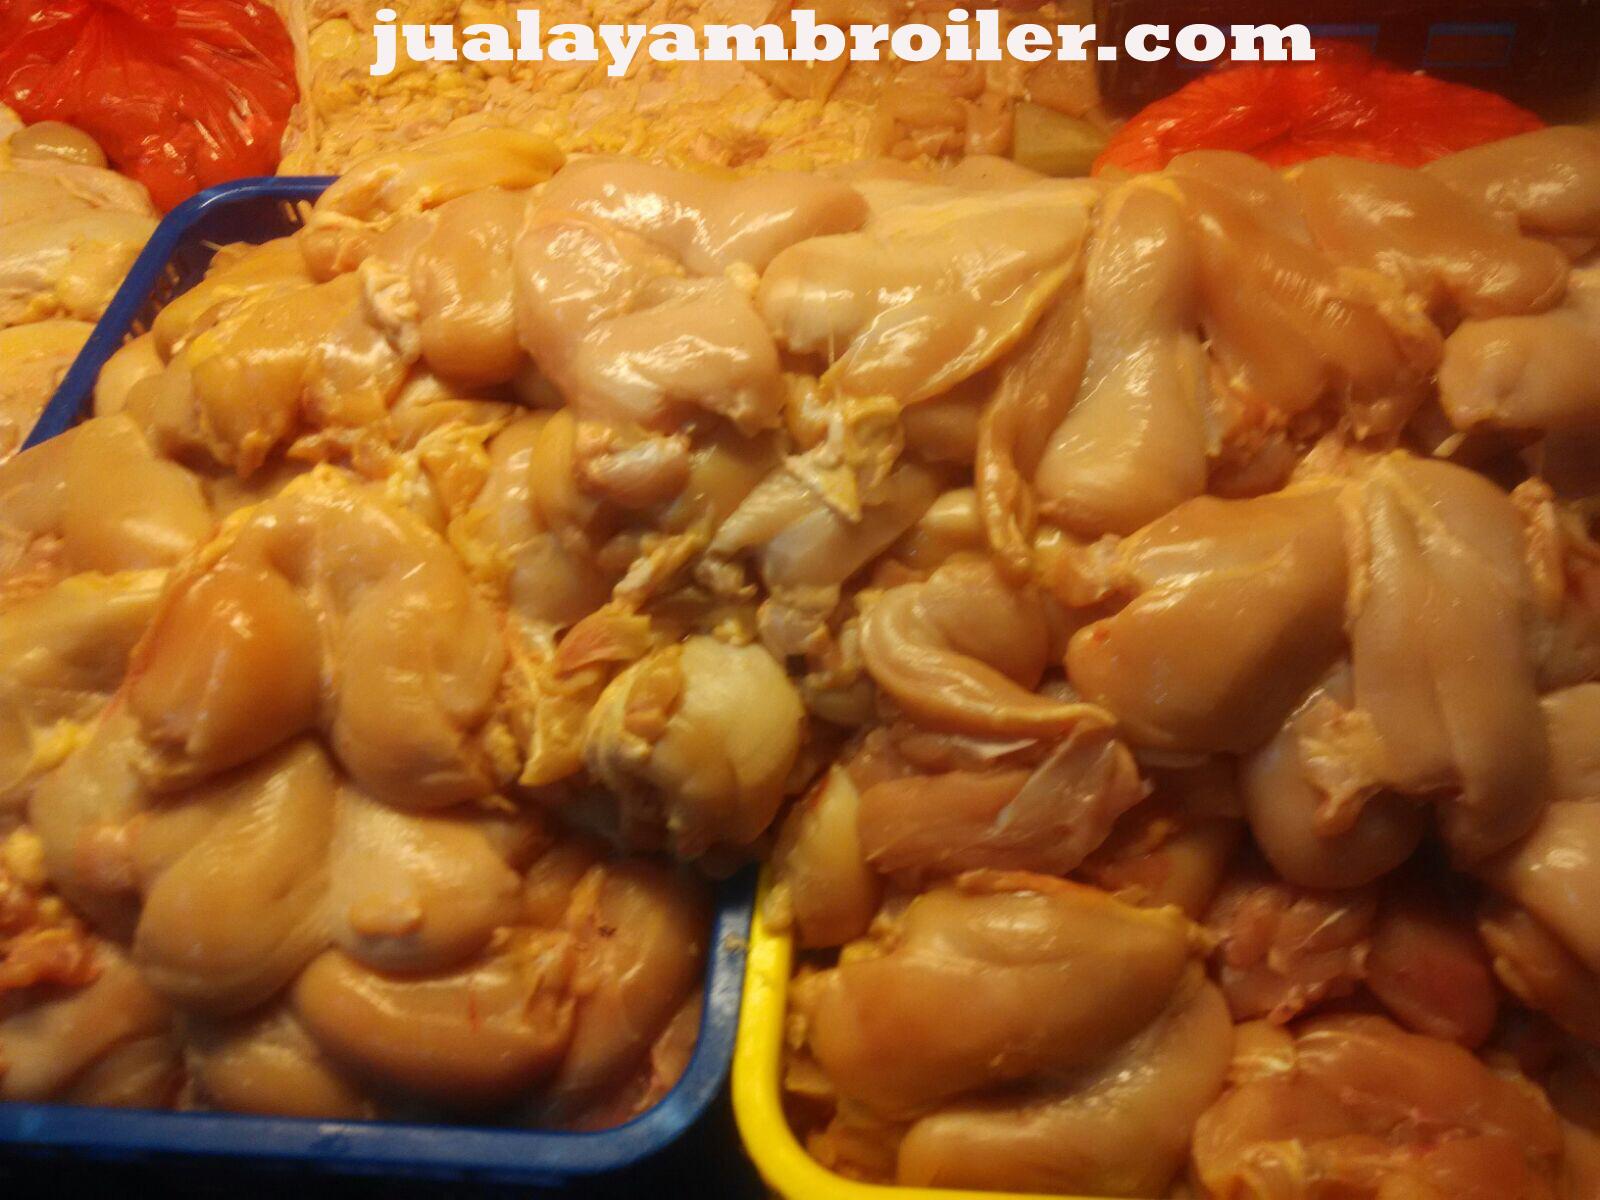 Jual Ayam Broiler Jatinegara Jakarta Timur